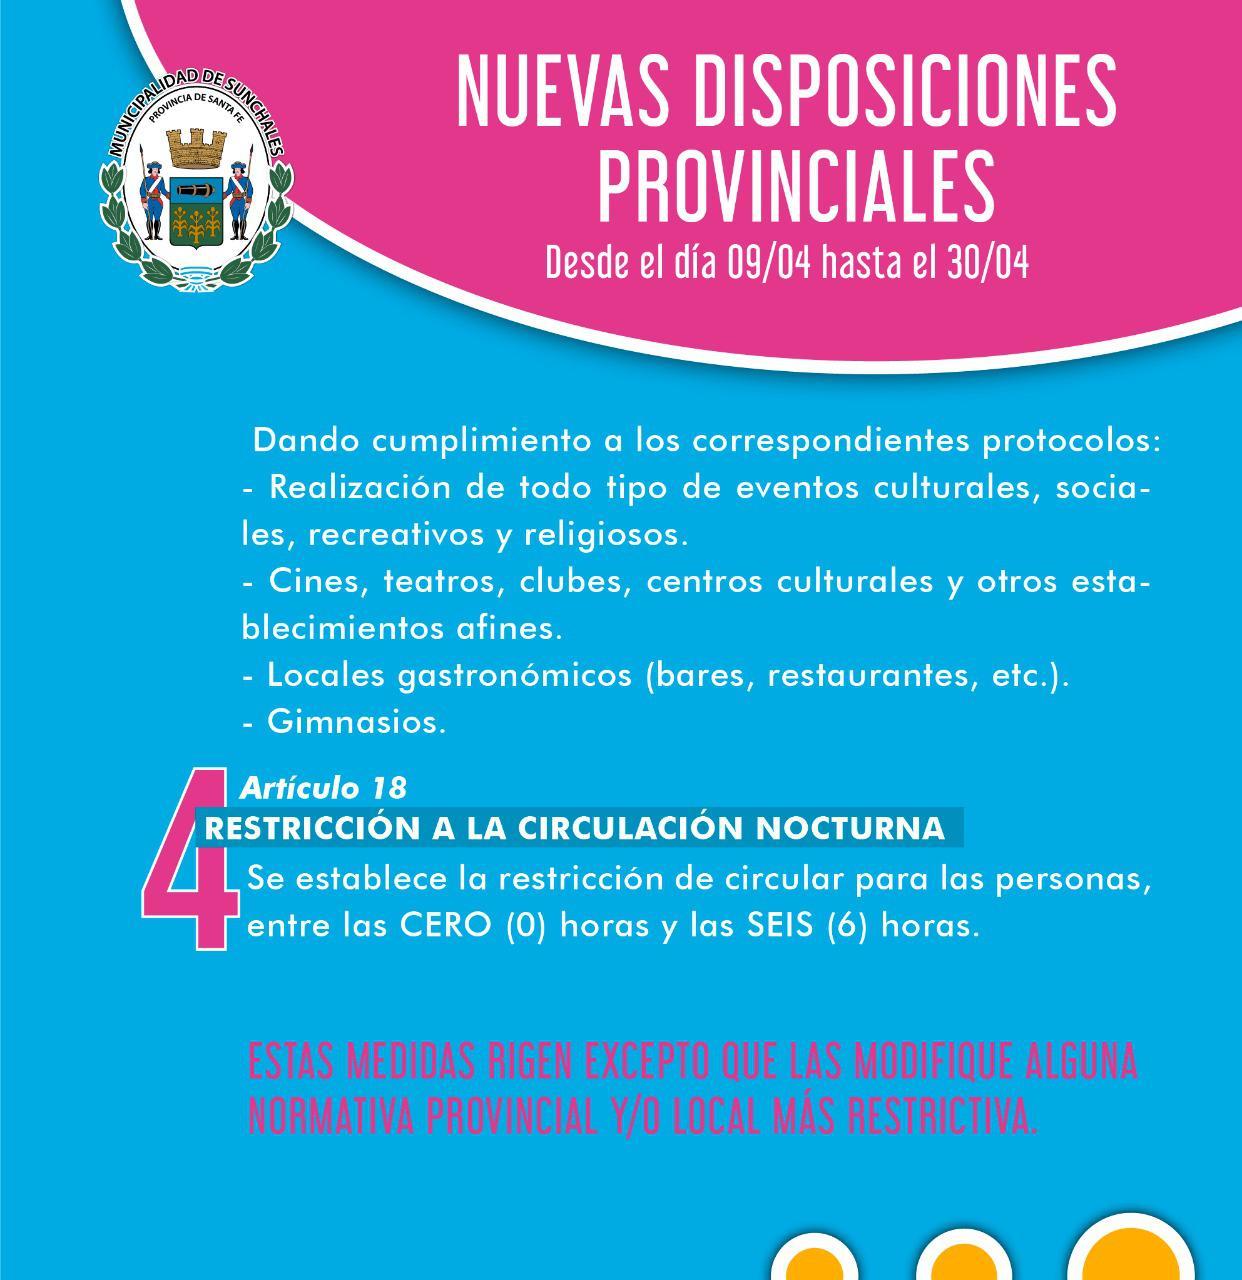 Nuevas disposiciones 4-21 3